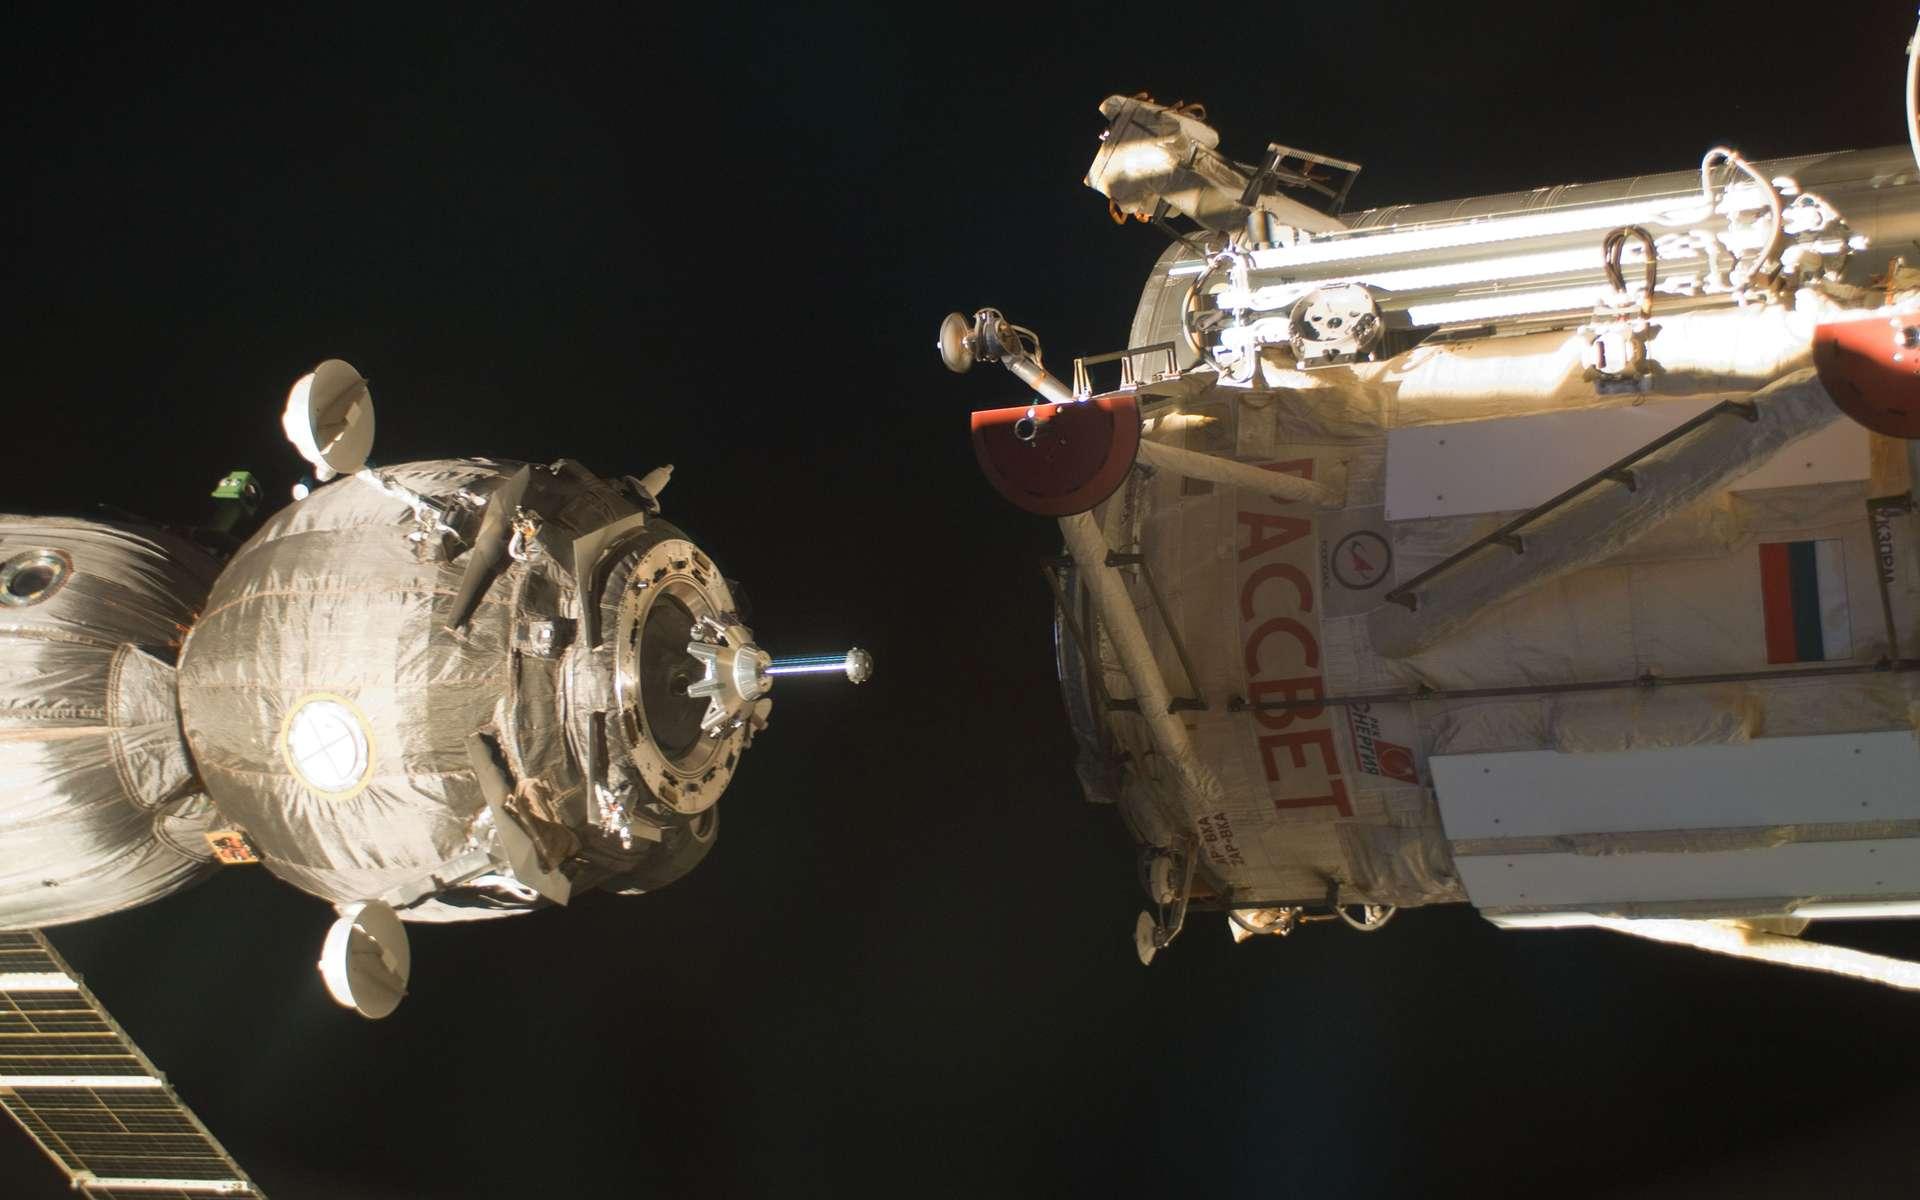 Amarrage à l'ISS de la capsule Soyouz TMA-3M en décembre 2011. Le retour sur Terre de cette capsule, avec trois astronautes, est prévu en mai 2012 pour laisser la place à trois nouveaux arrivants. Le lancement de ces futurs occupants a été reporté en raison de l'indisponibilité de leur capsule (Soyouz TMA-4M). © Nasa